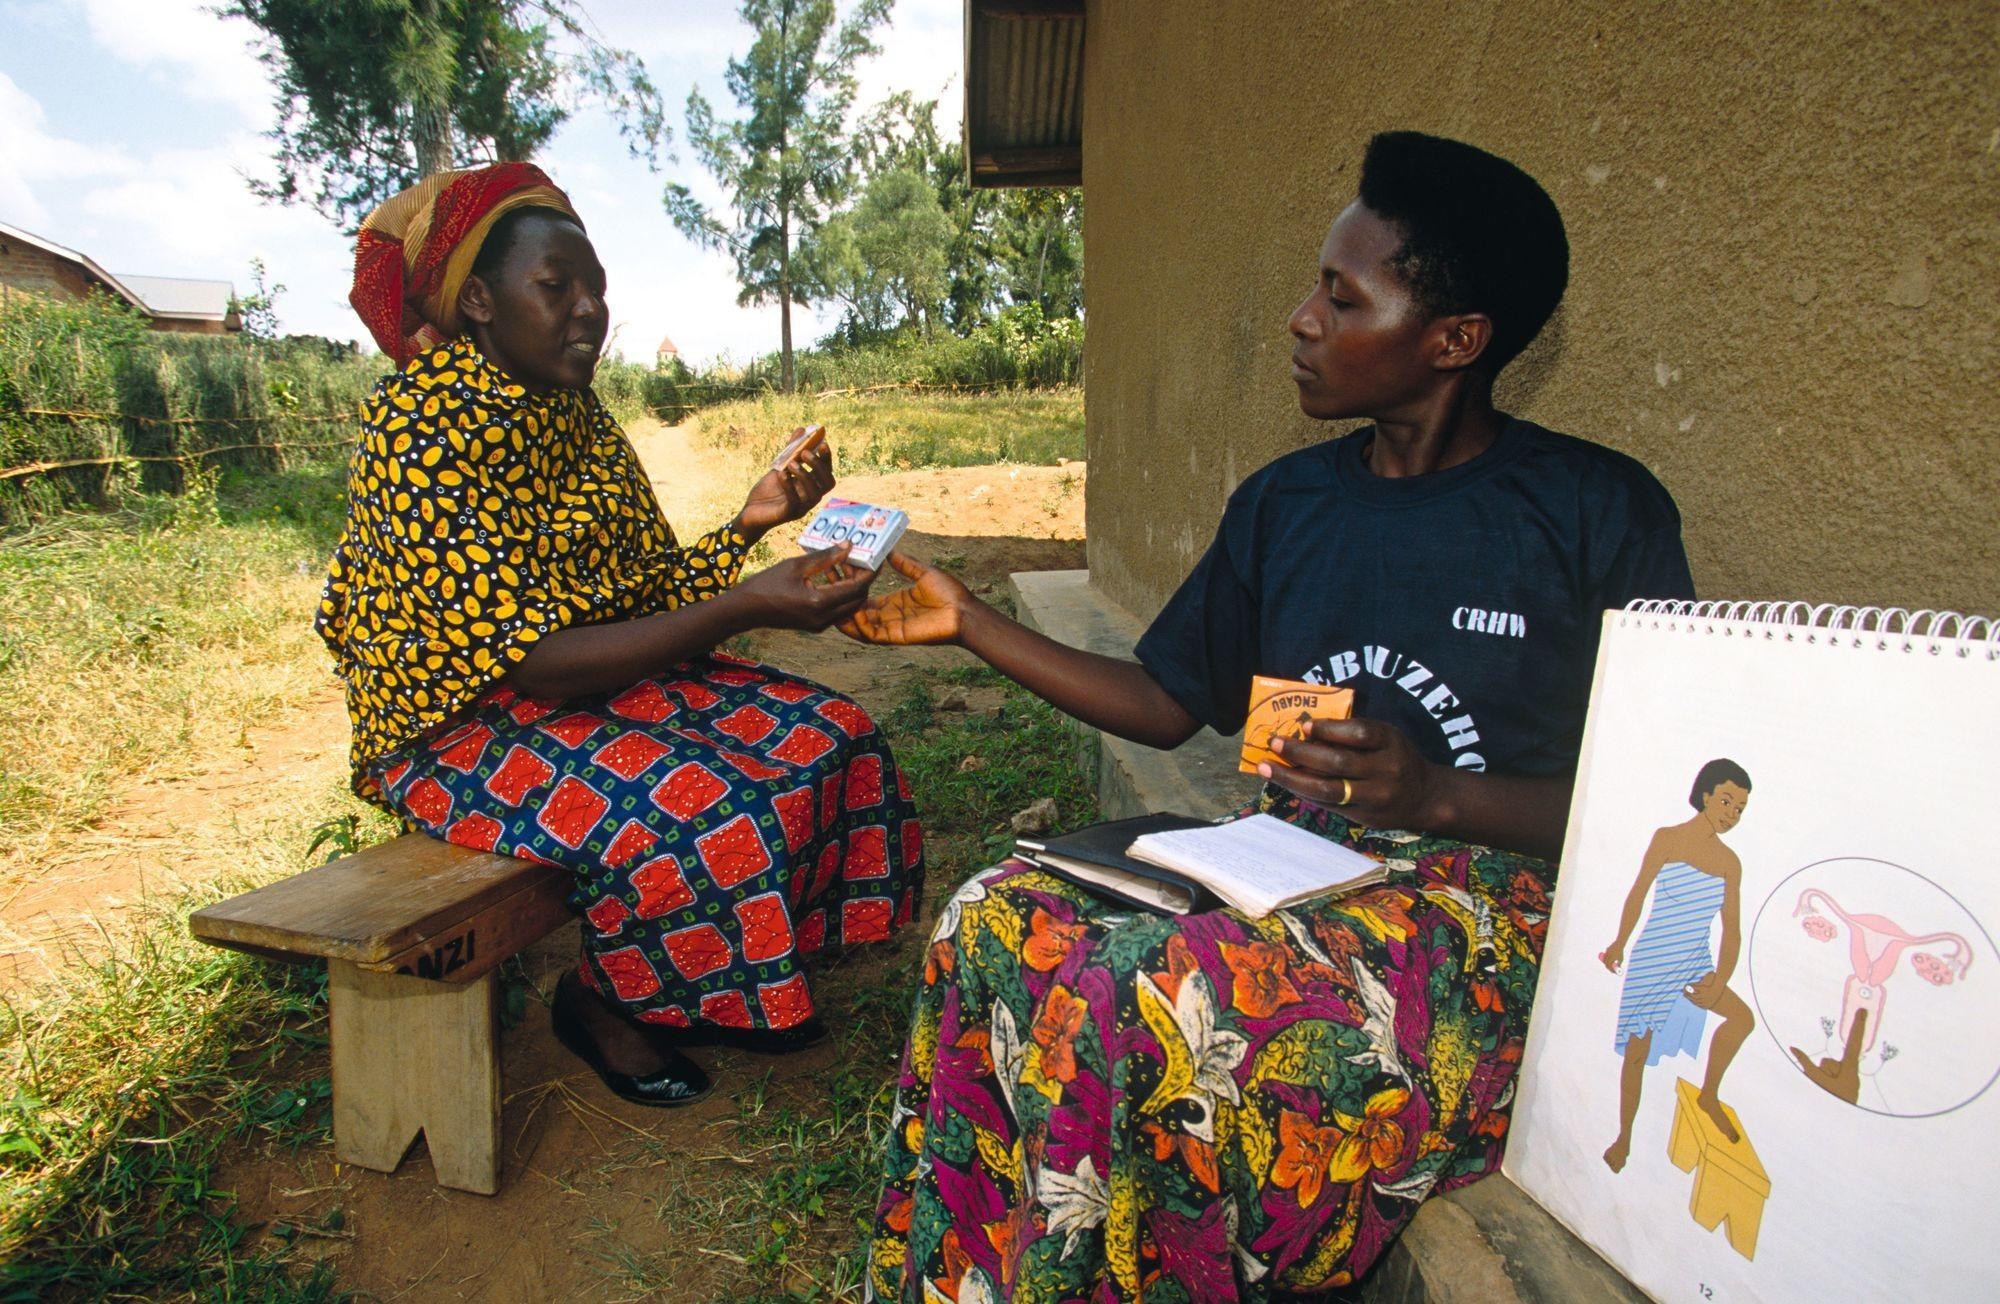 Une bénévole de la communauté des travailleurs de la santé de la reproduction, en Ouganda, présente l'utilisation de contraceptifs